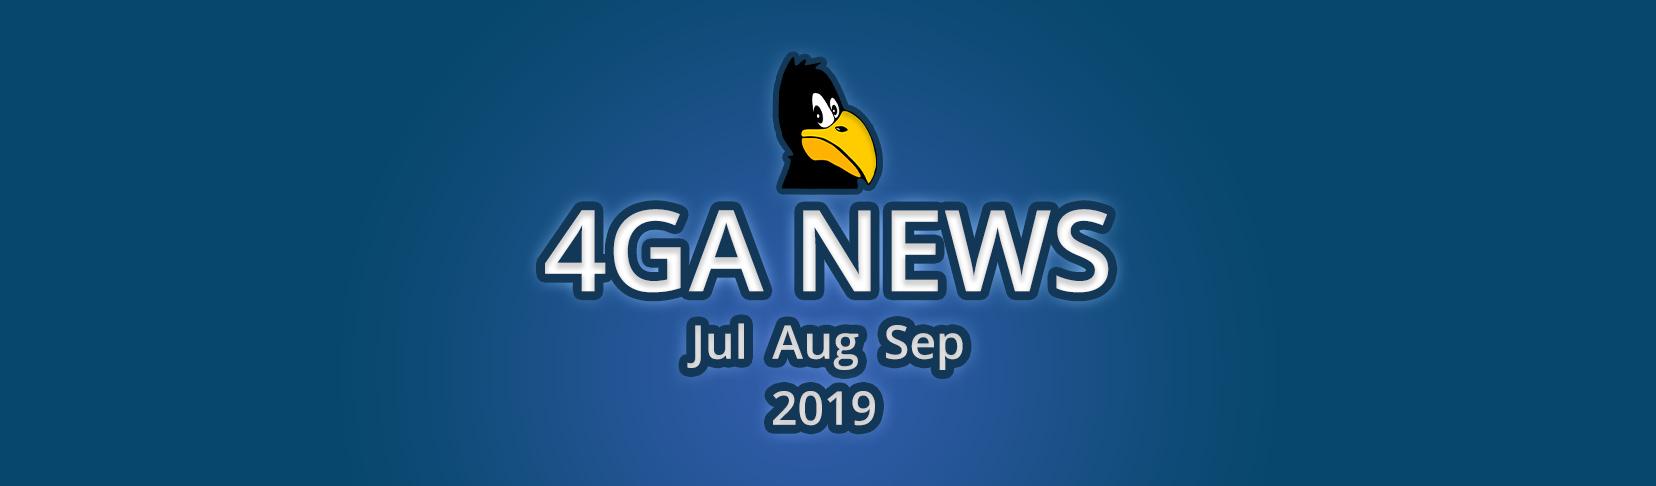 4ga News Jul Aug Sep 2019